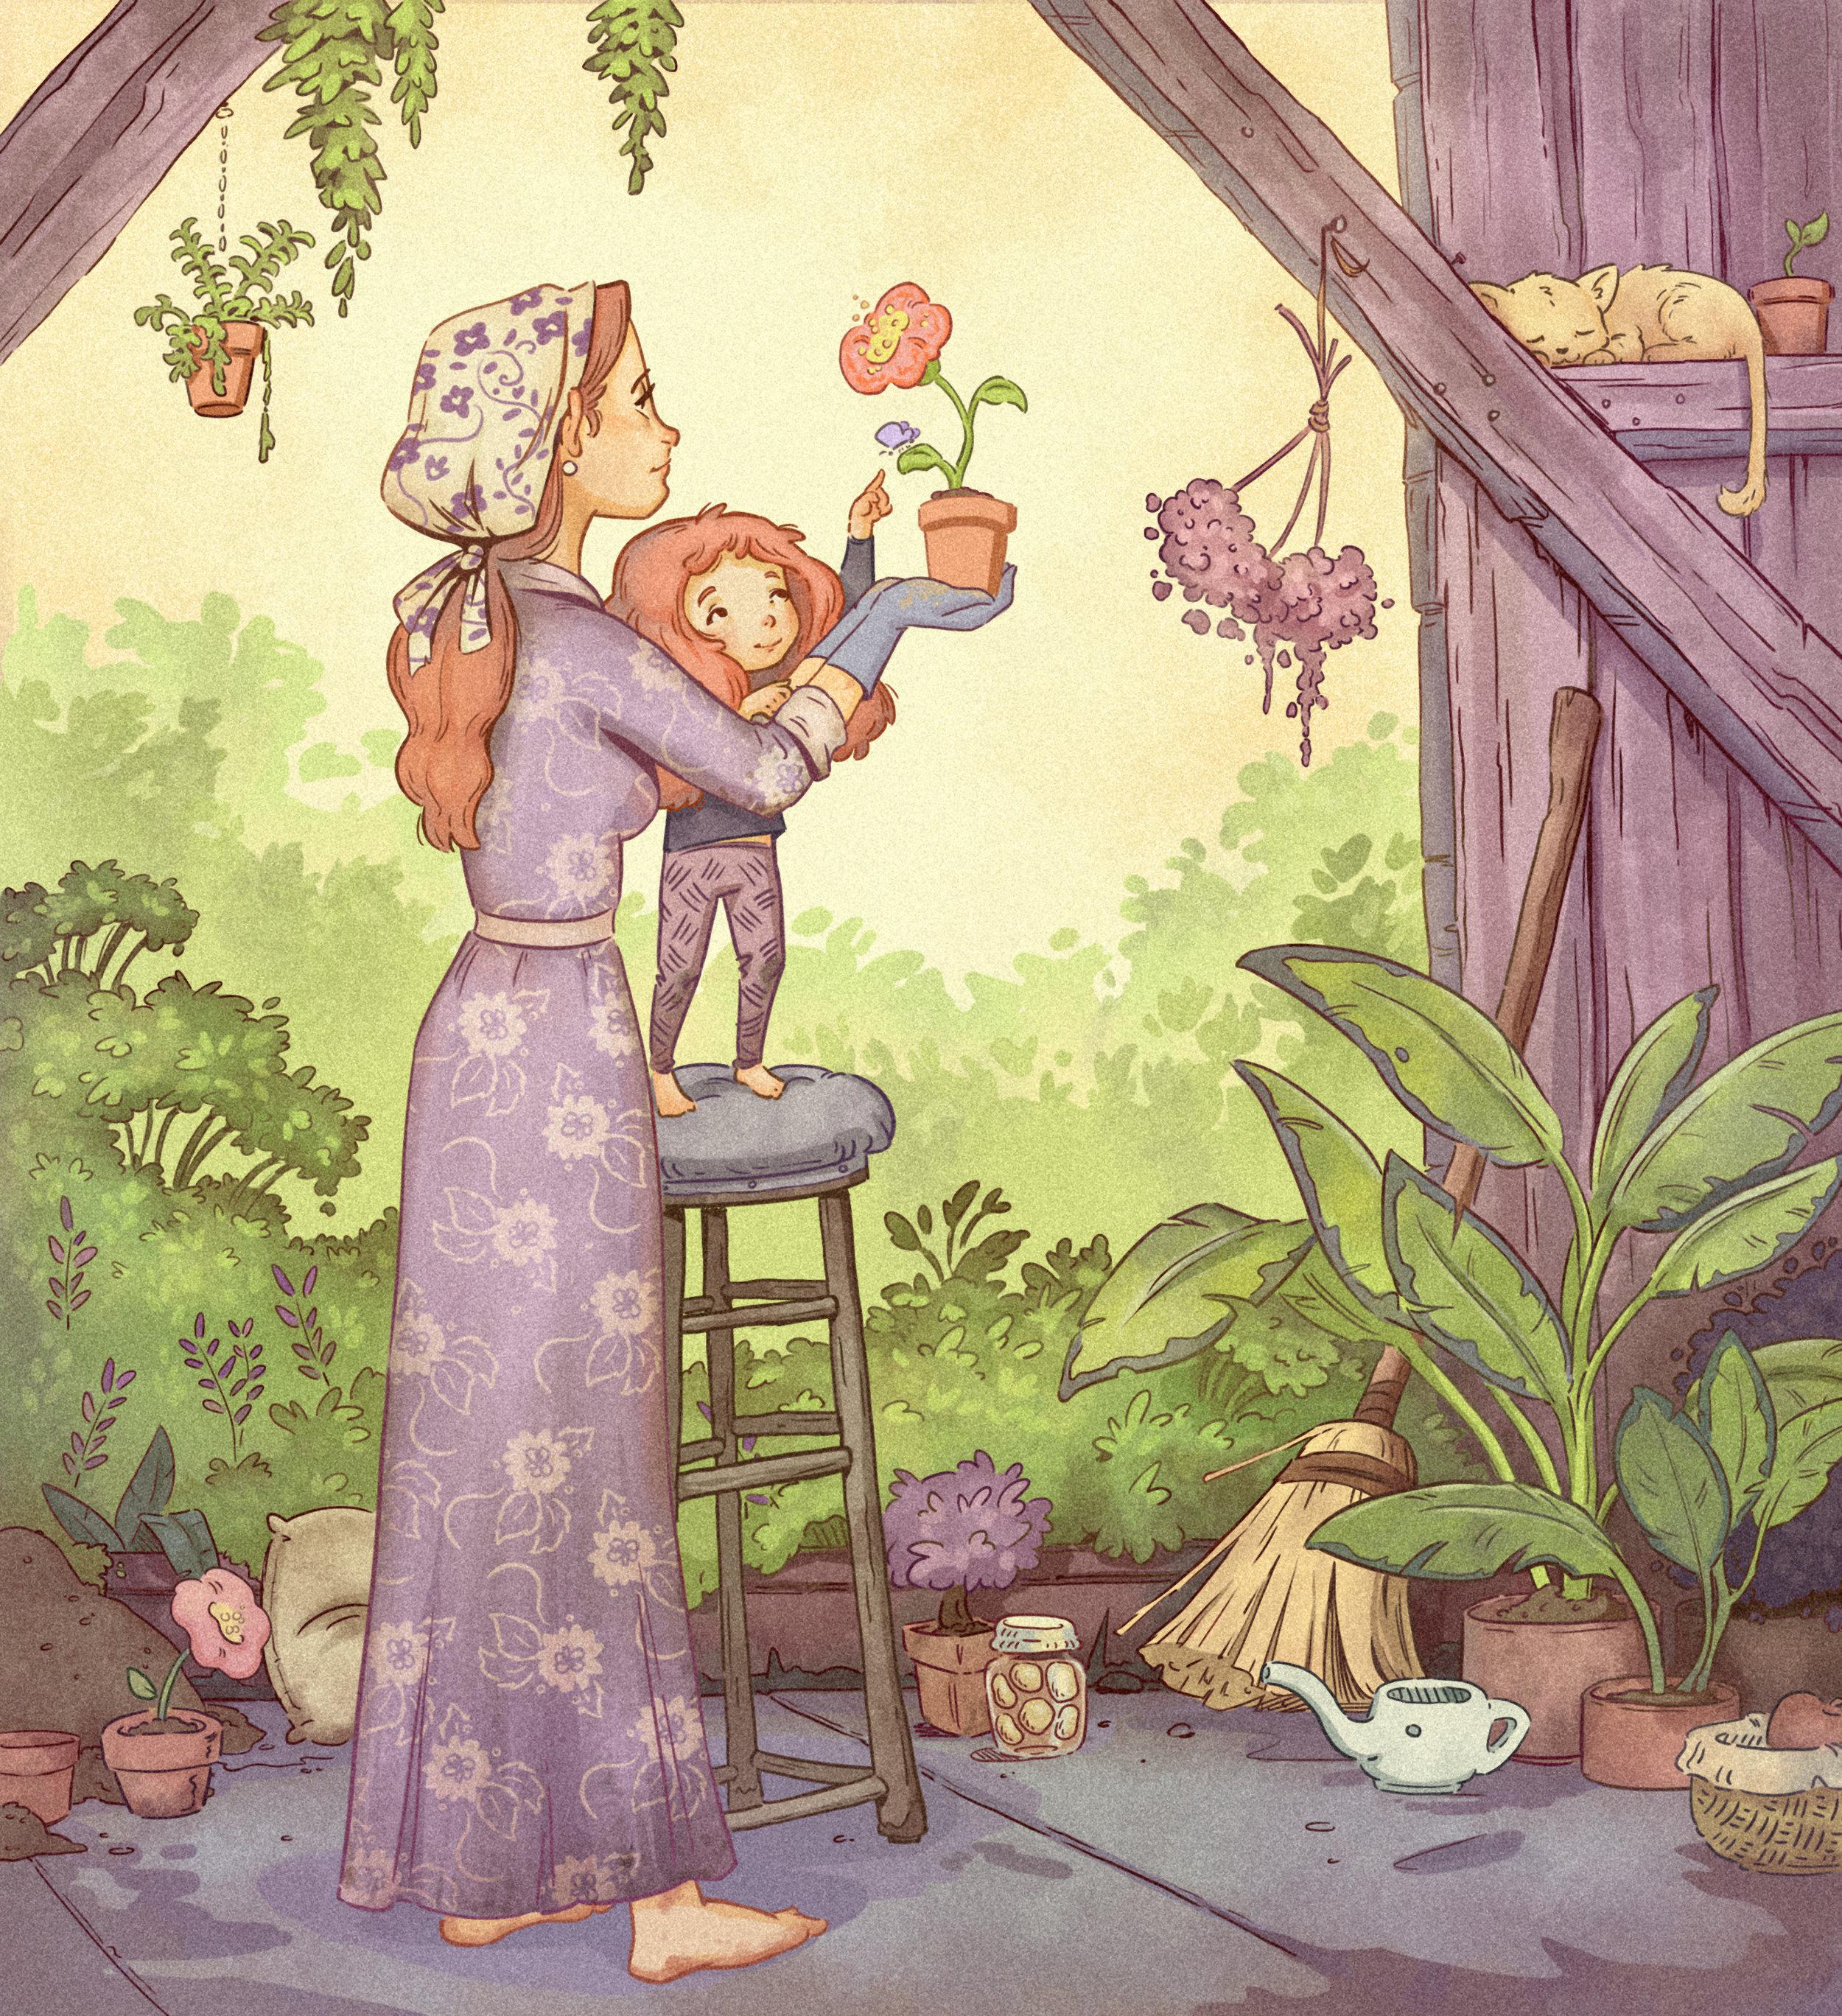 Garden and stuff_v2.jpg